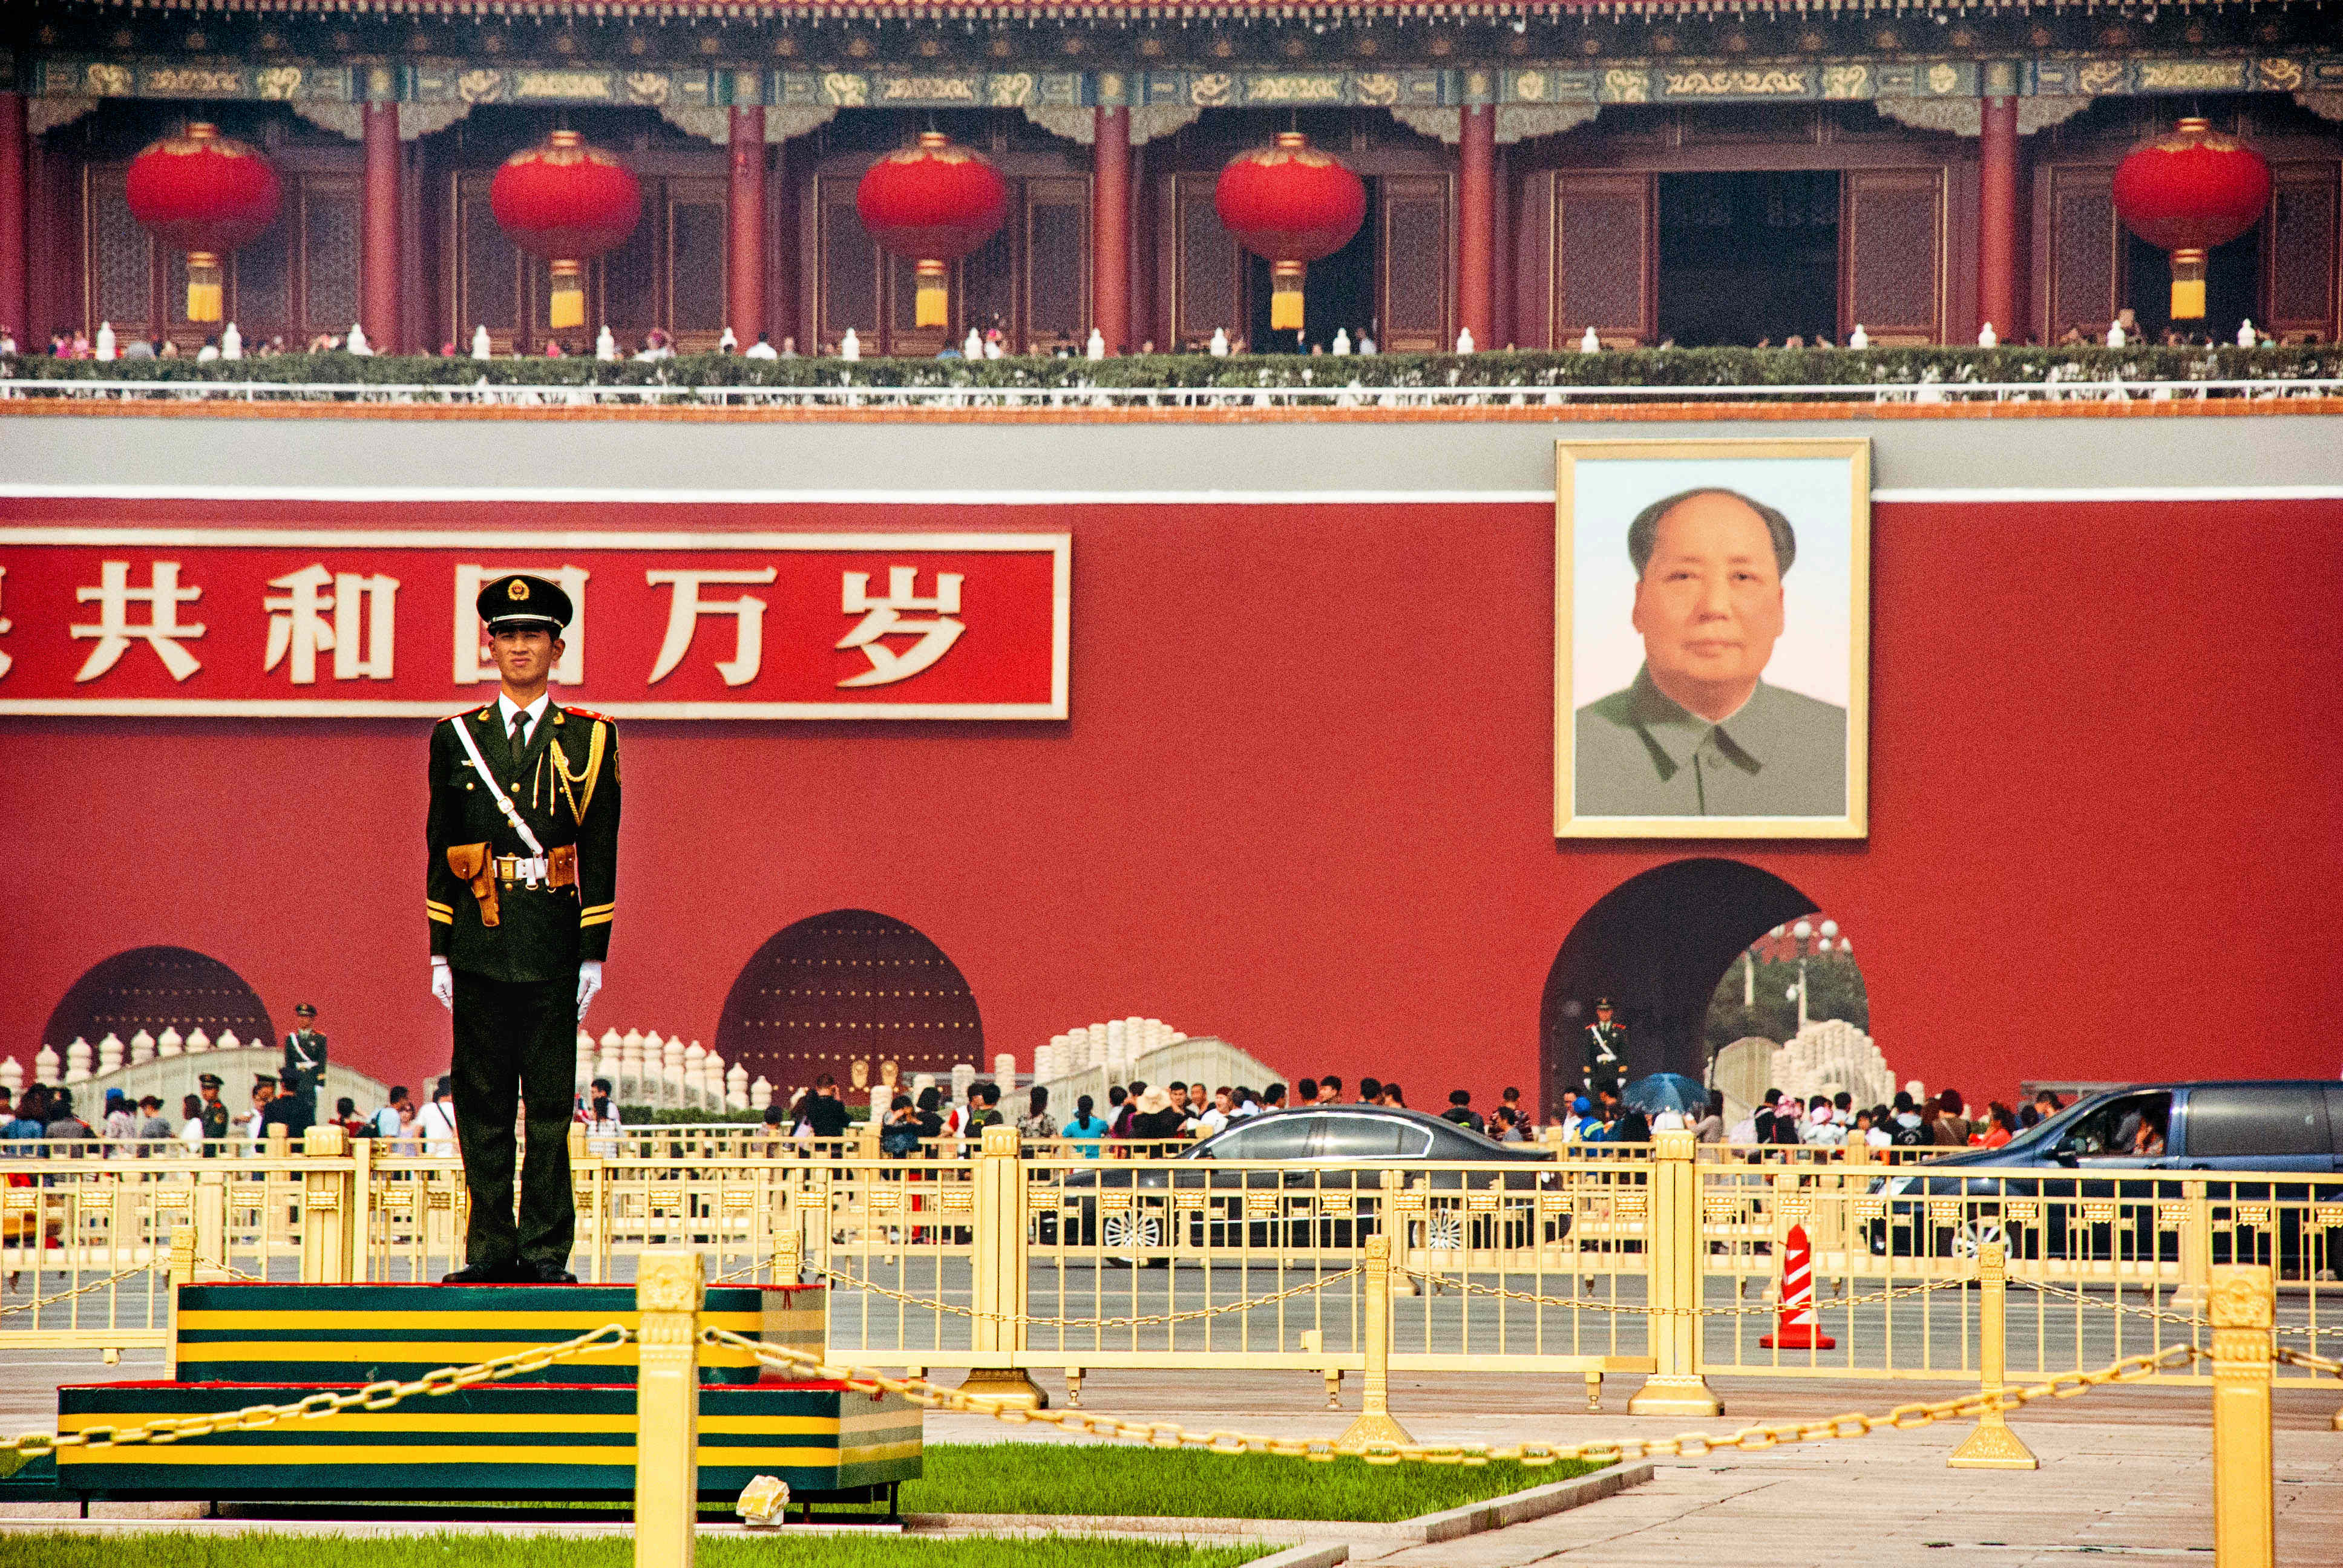 天安门广场 Tiananmen Square